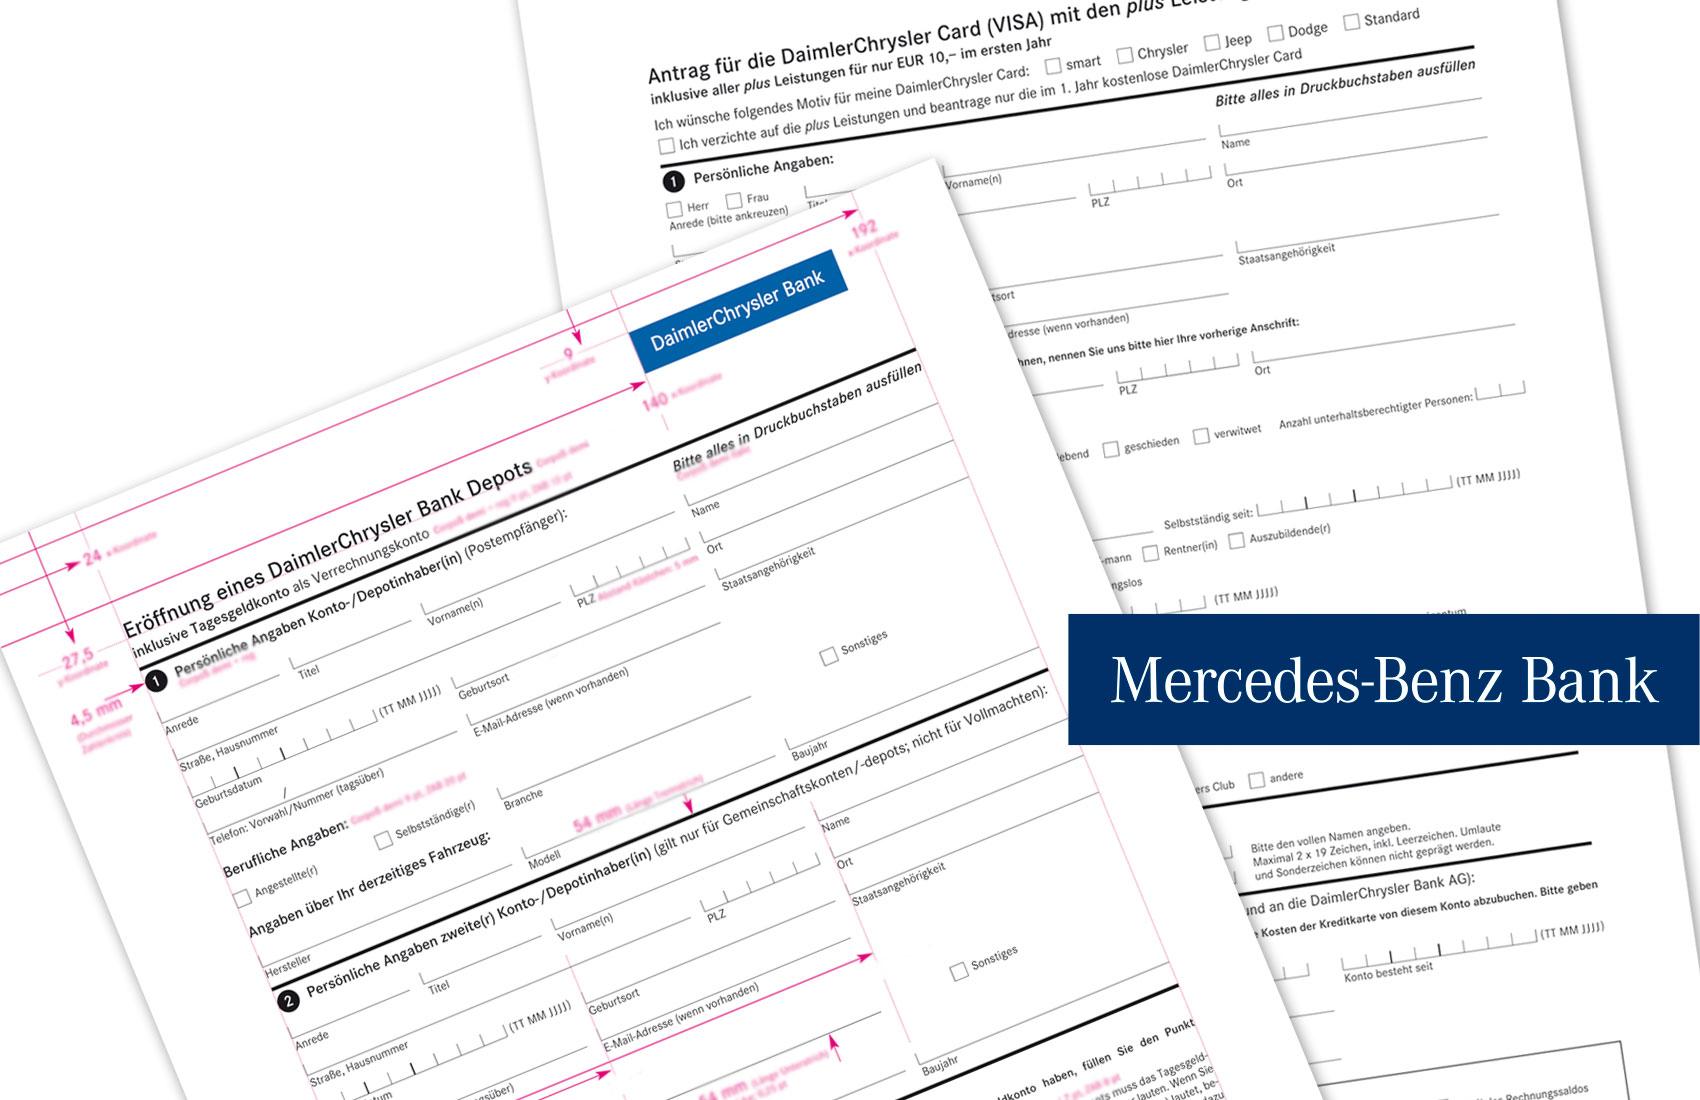 Vermaßung der Antragsformulare der Mercedes-Benz Bank (ehemals DaimlerChrysler Bank) für den Druck